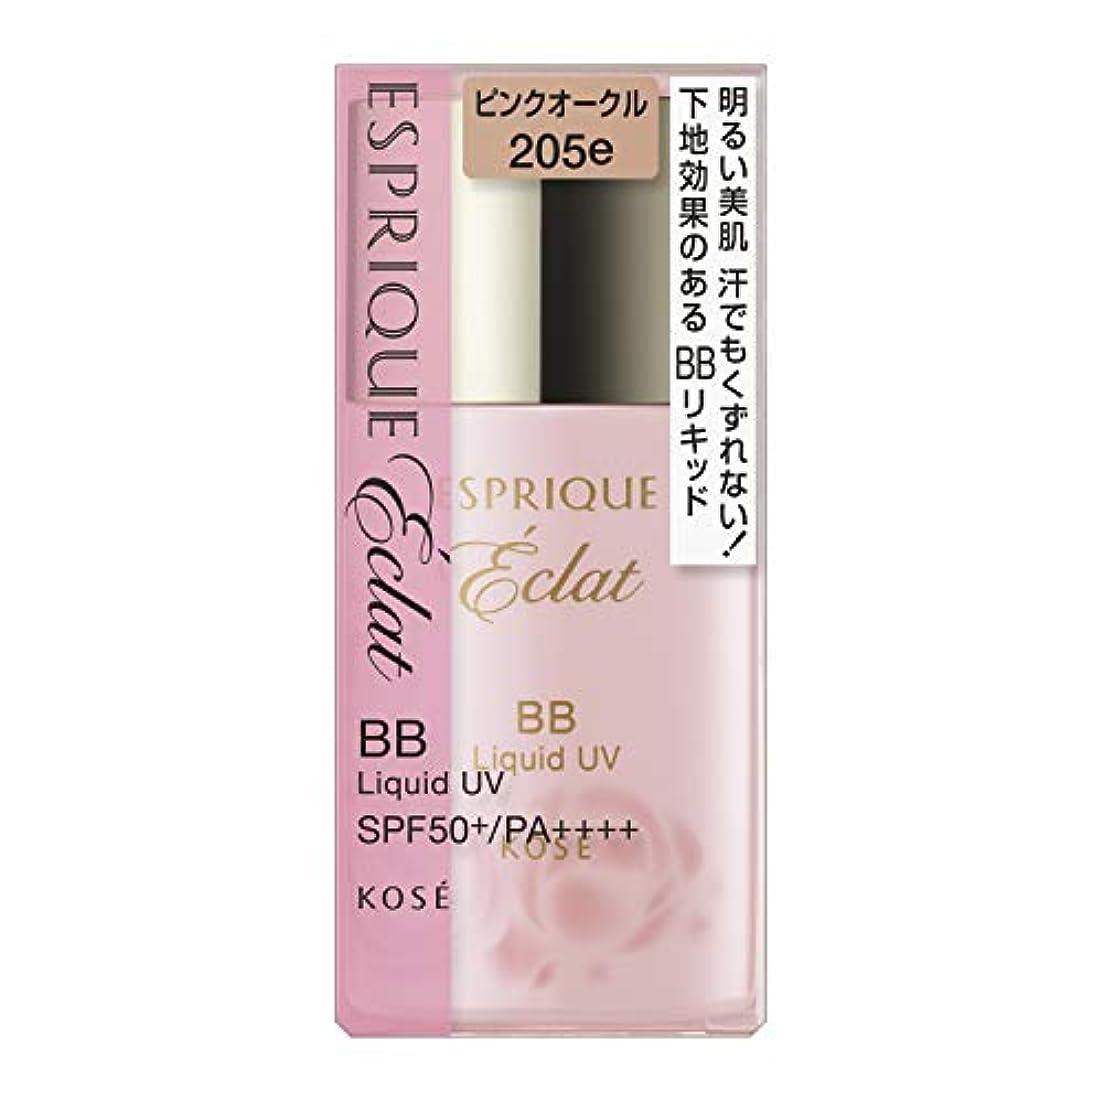 エスプリーク エクラ 明るさ持続 BB リキッド UV PO205e ピンクオークル 30g